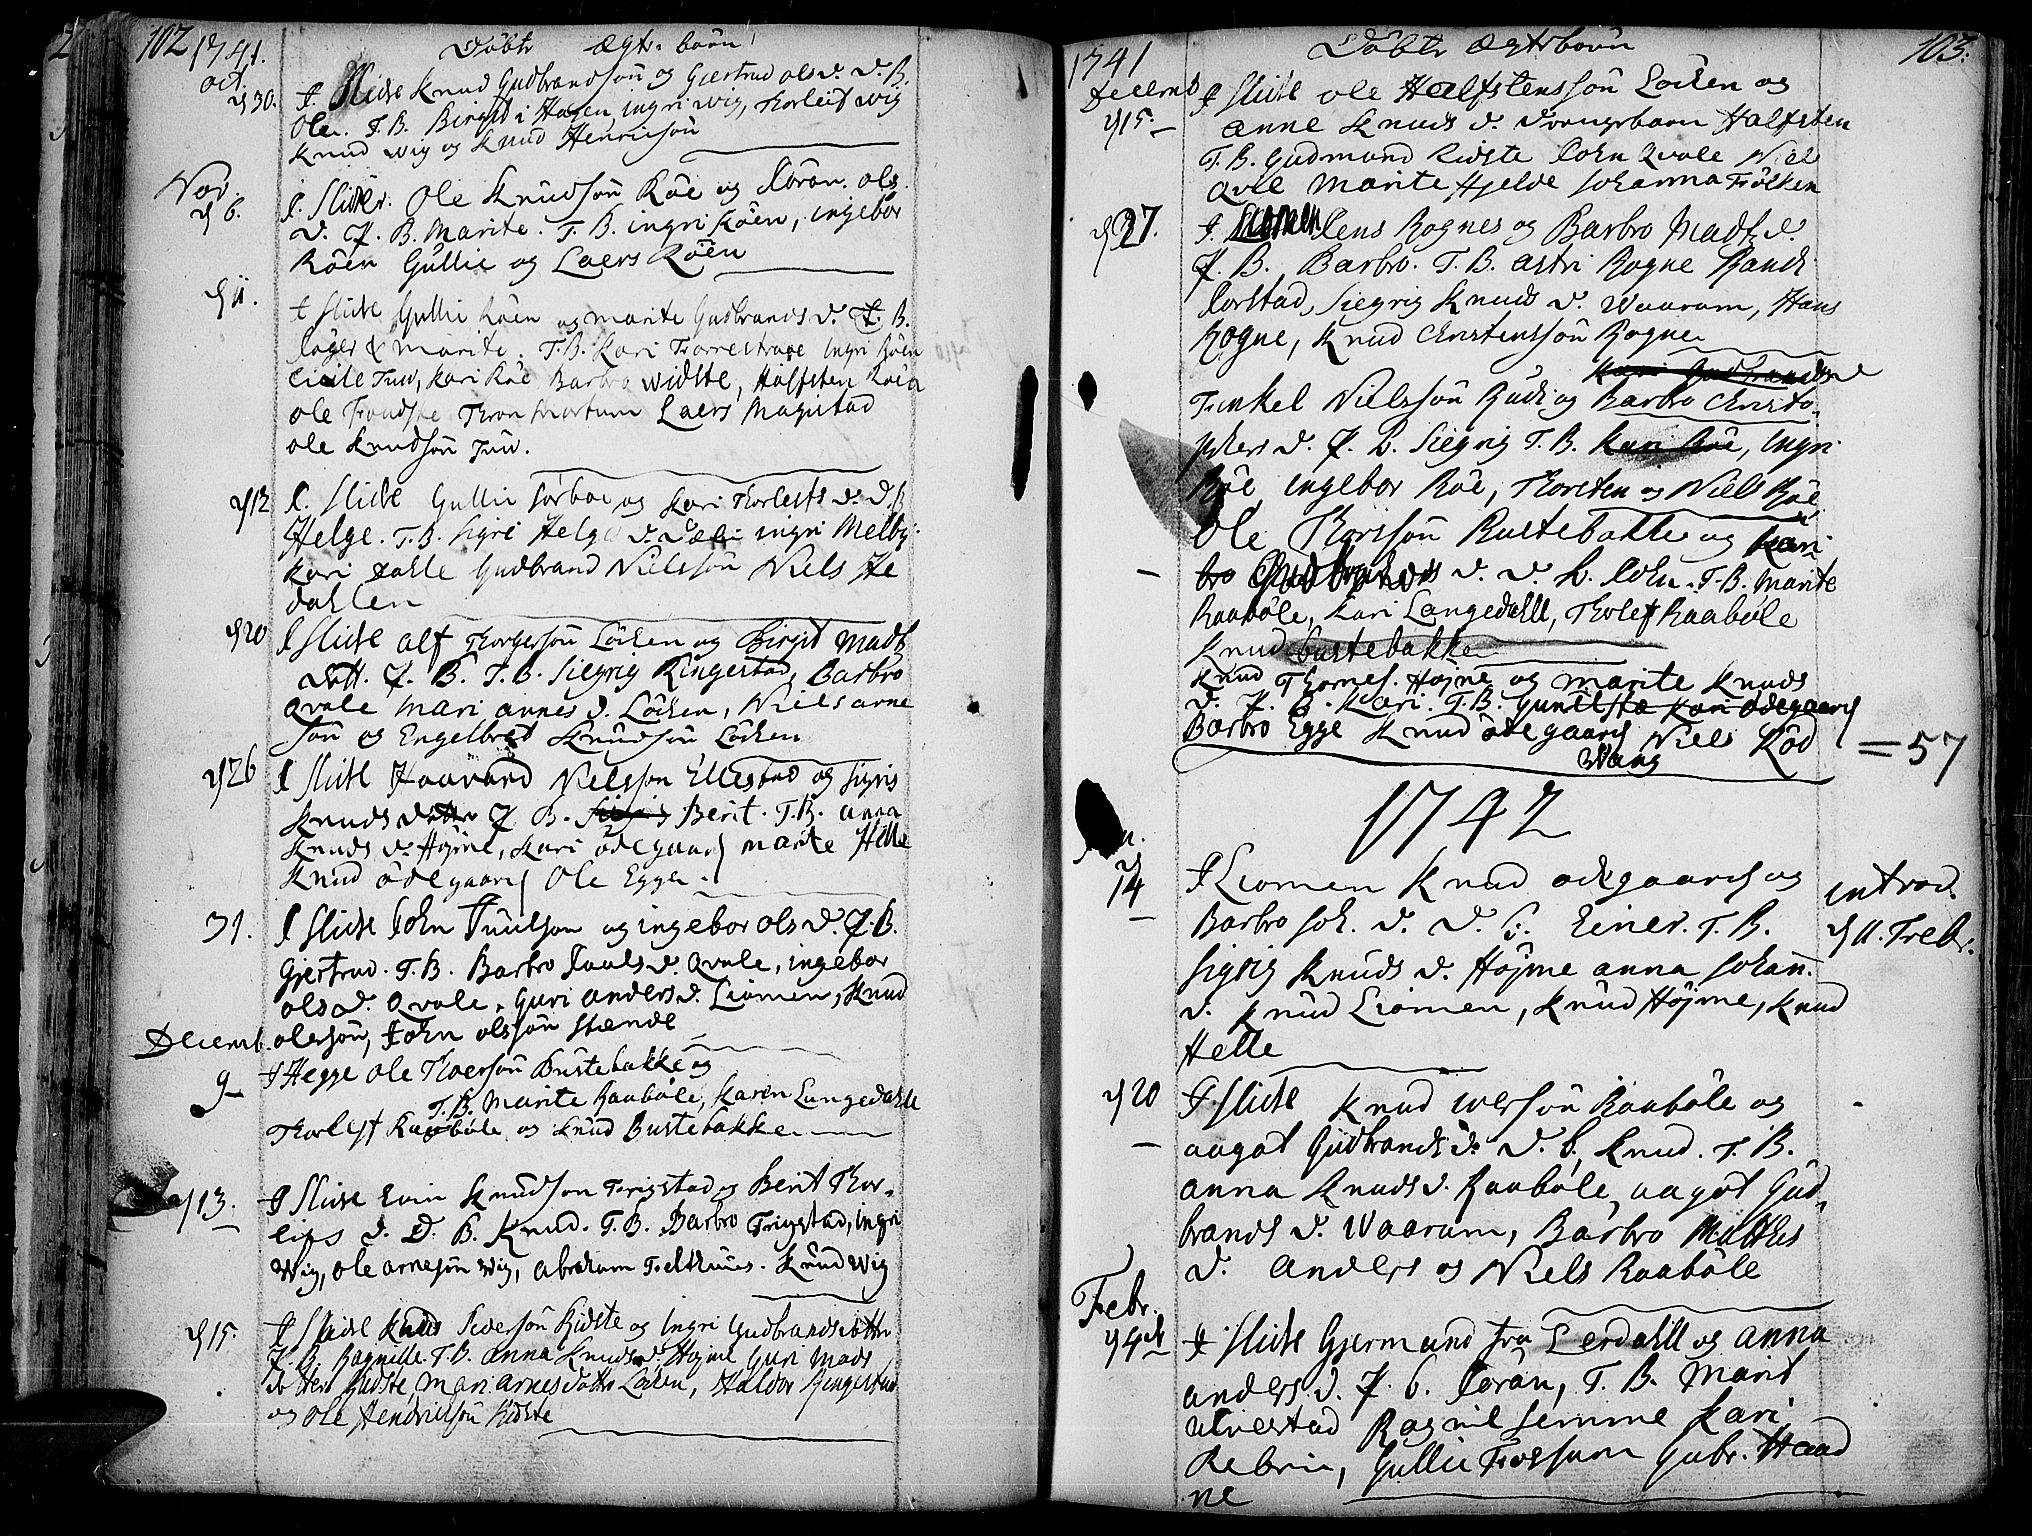 SAH, Slidre prestekontor, Ministerialbok nr. 1, 1724-1814, s. 102-103